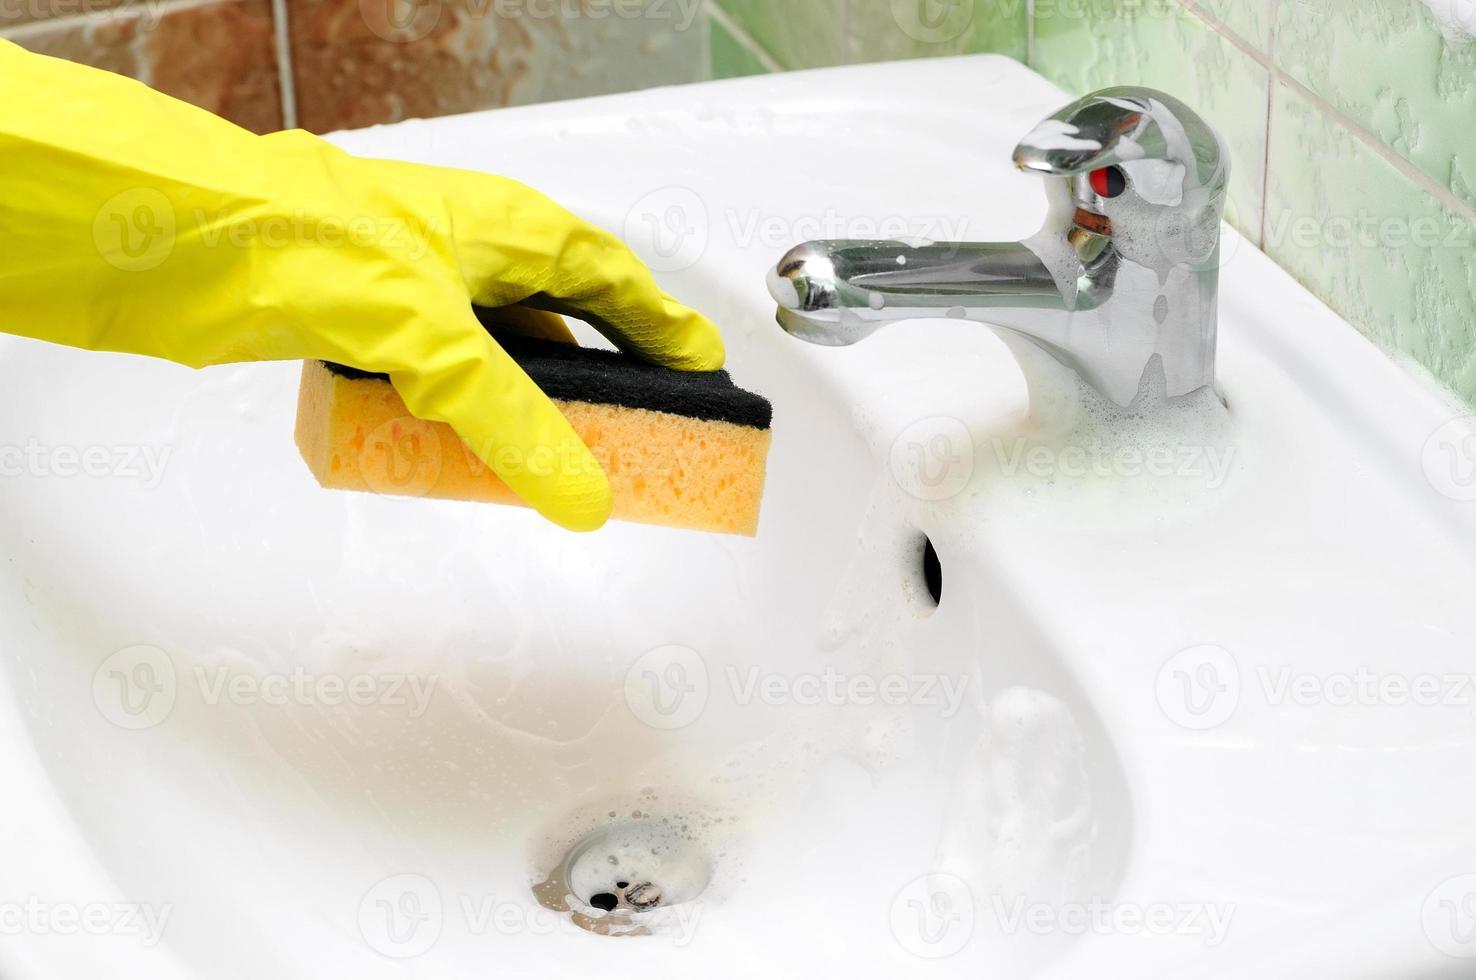 pulizia del rubinetto del lavandino del bagno foto